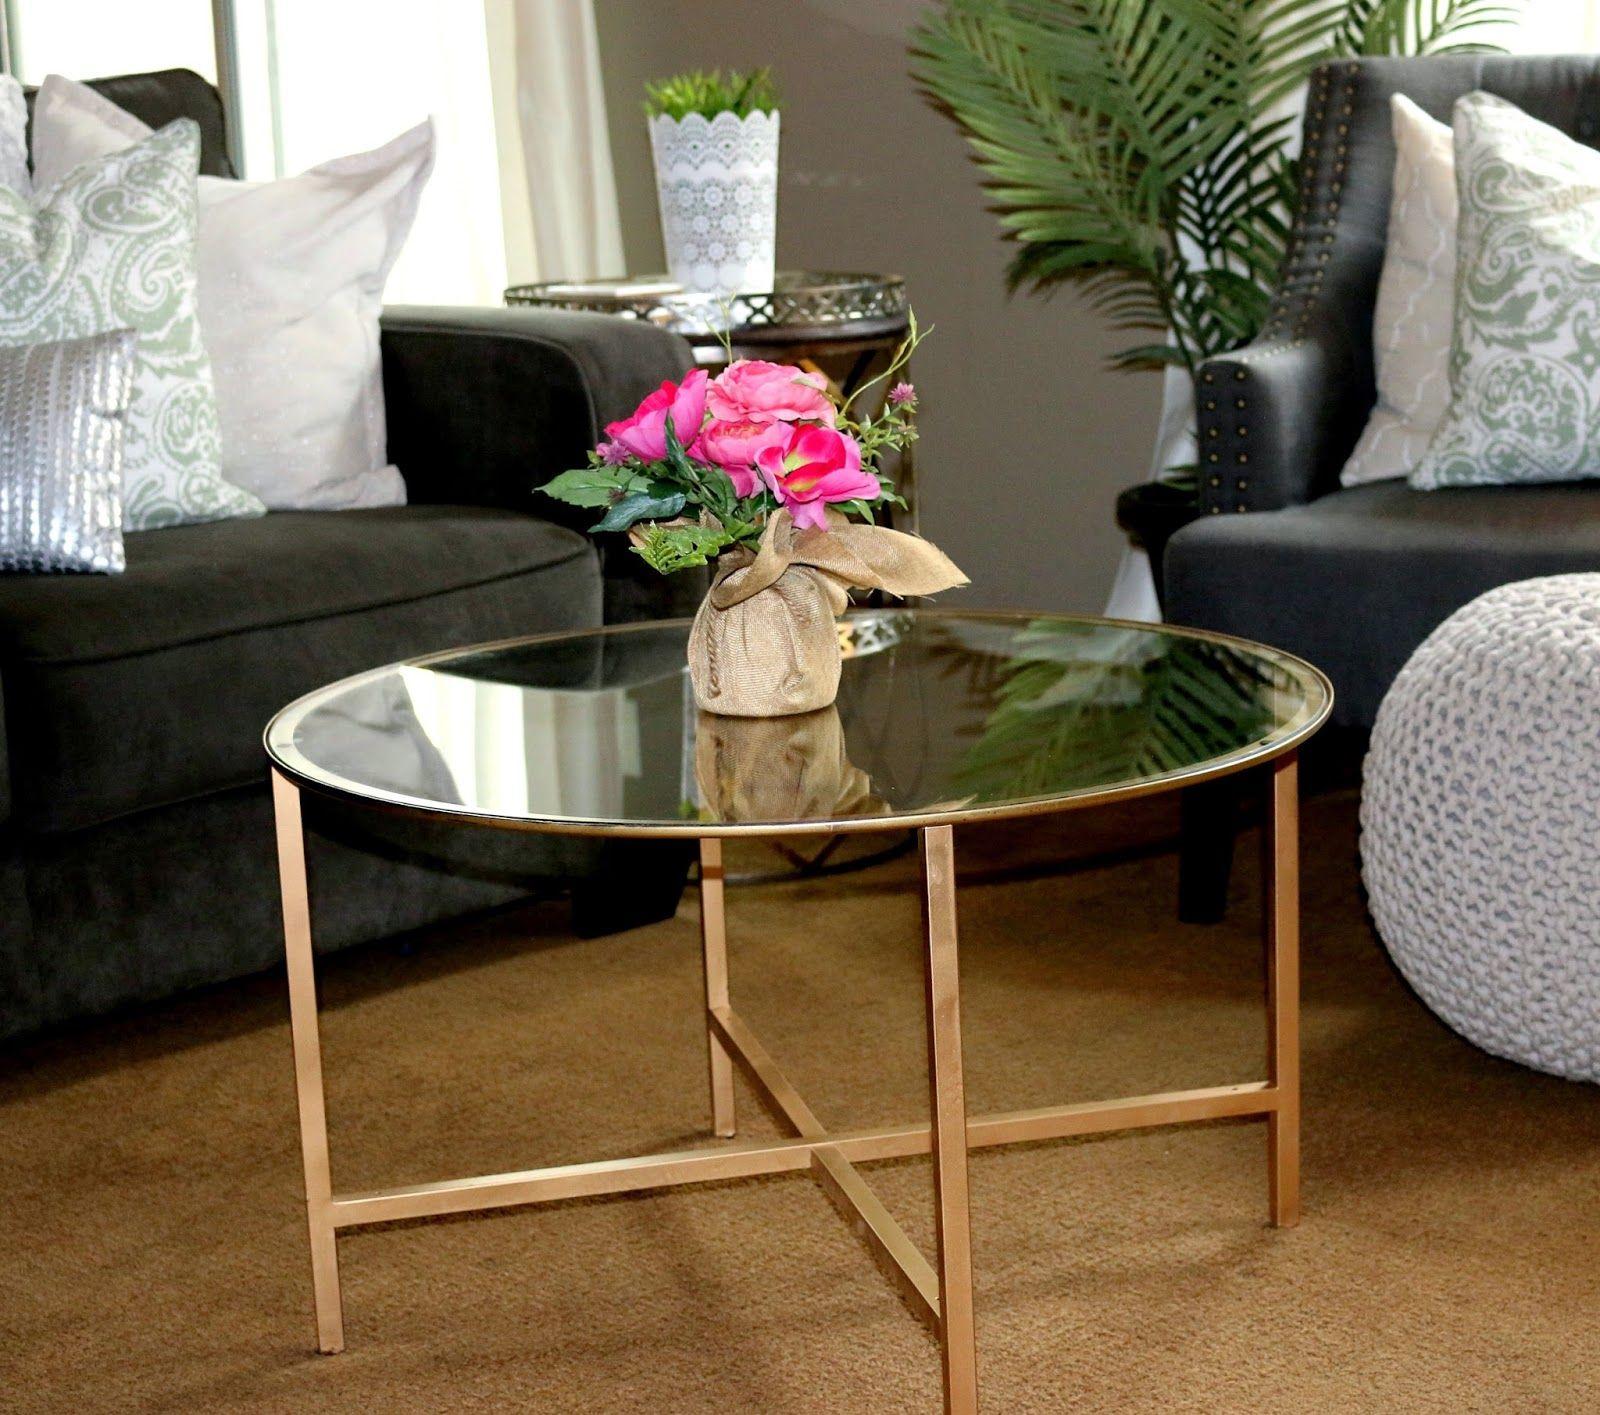 Diy Ikea Hack Vittsjo Coffee Table Runder Couchtisch Ikea Wohnzimmertische Ikea Tisch Rund